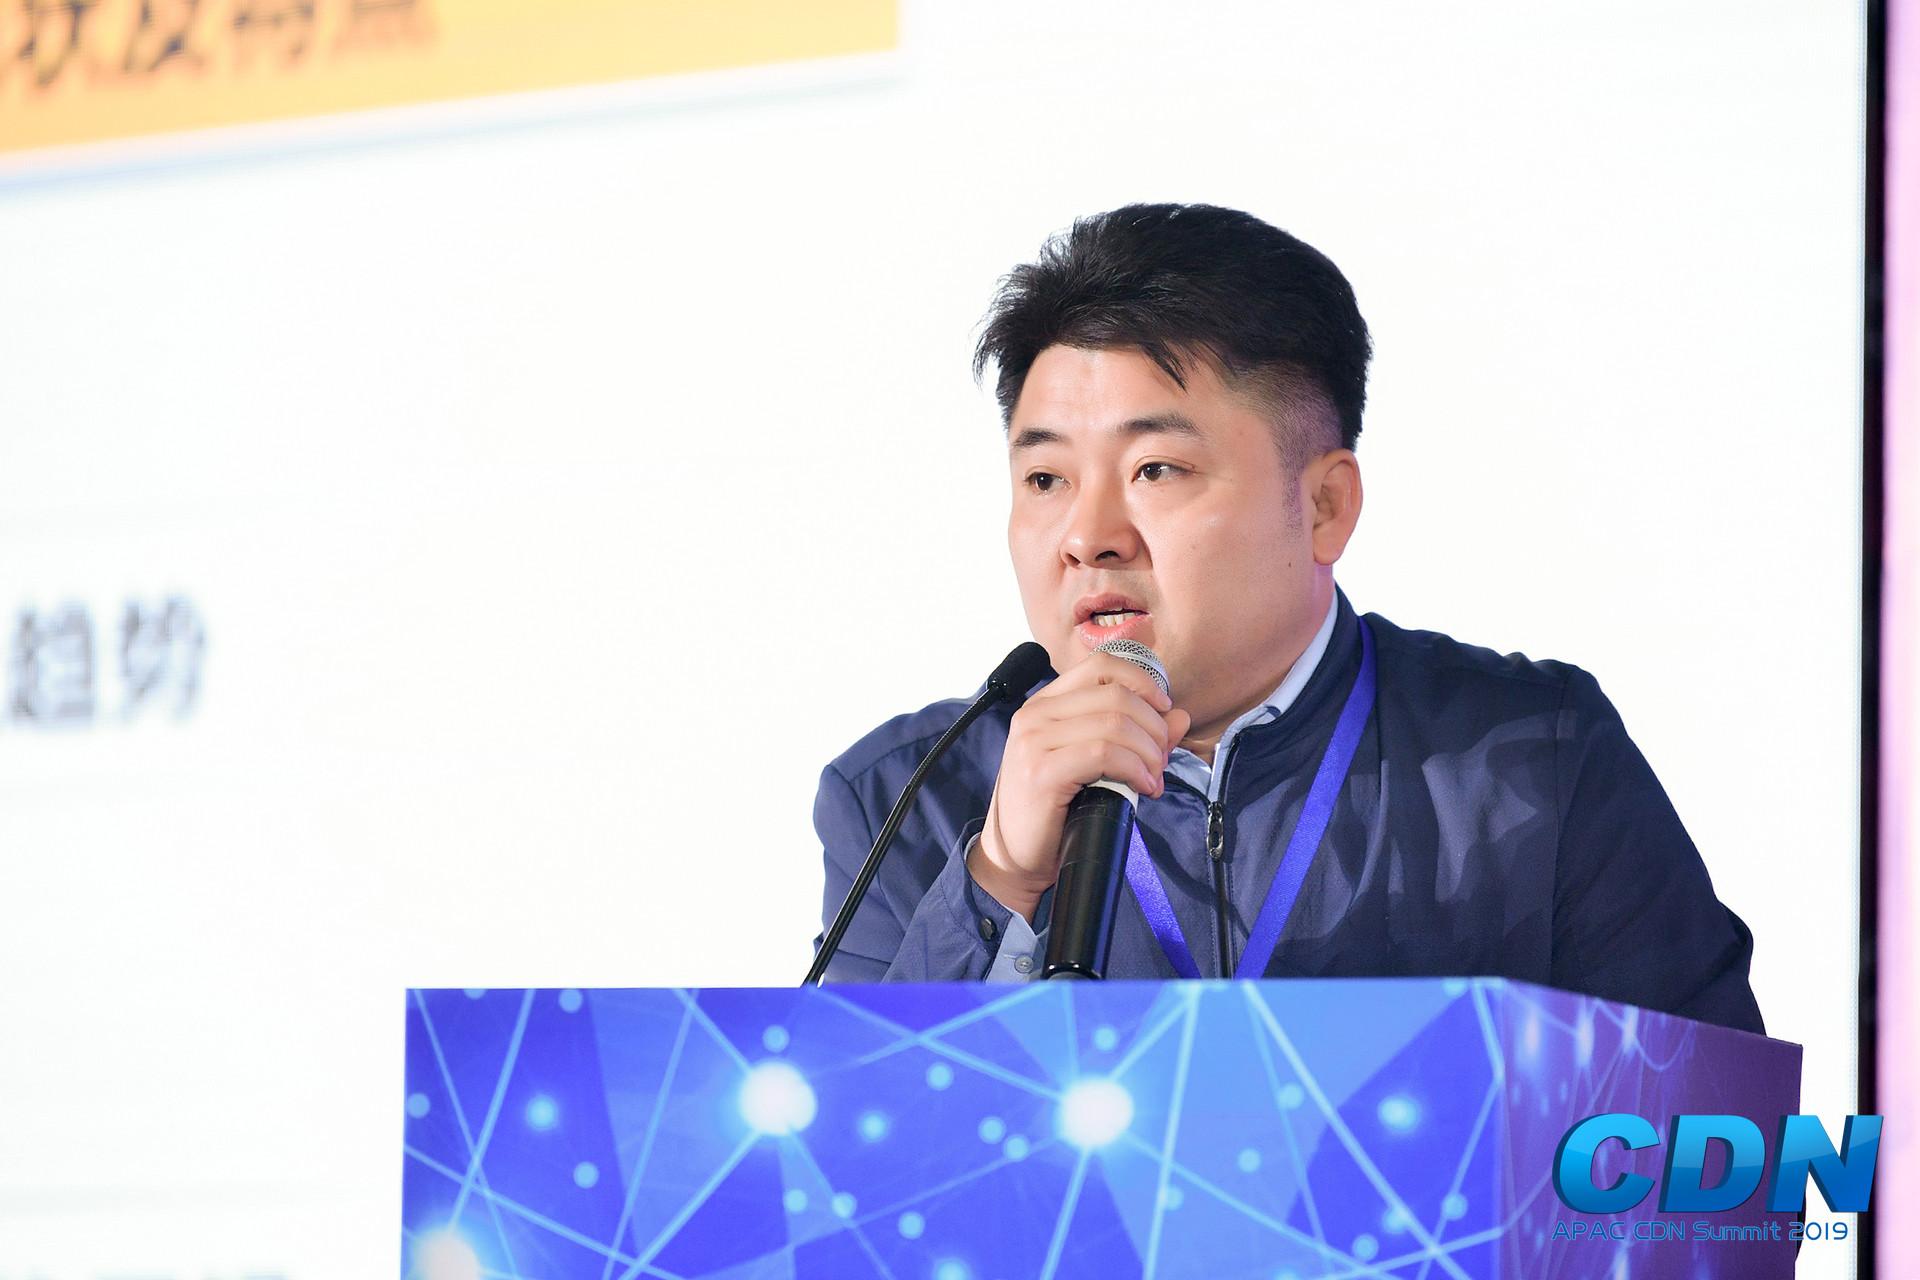 中国信通院胡海波:2019年中国CDN市场规模将近250亿元,CDN+MEC将成未来主力战场